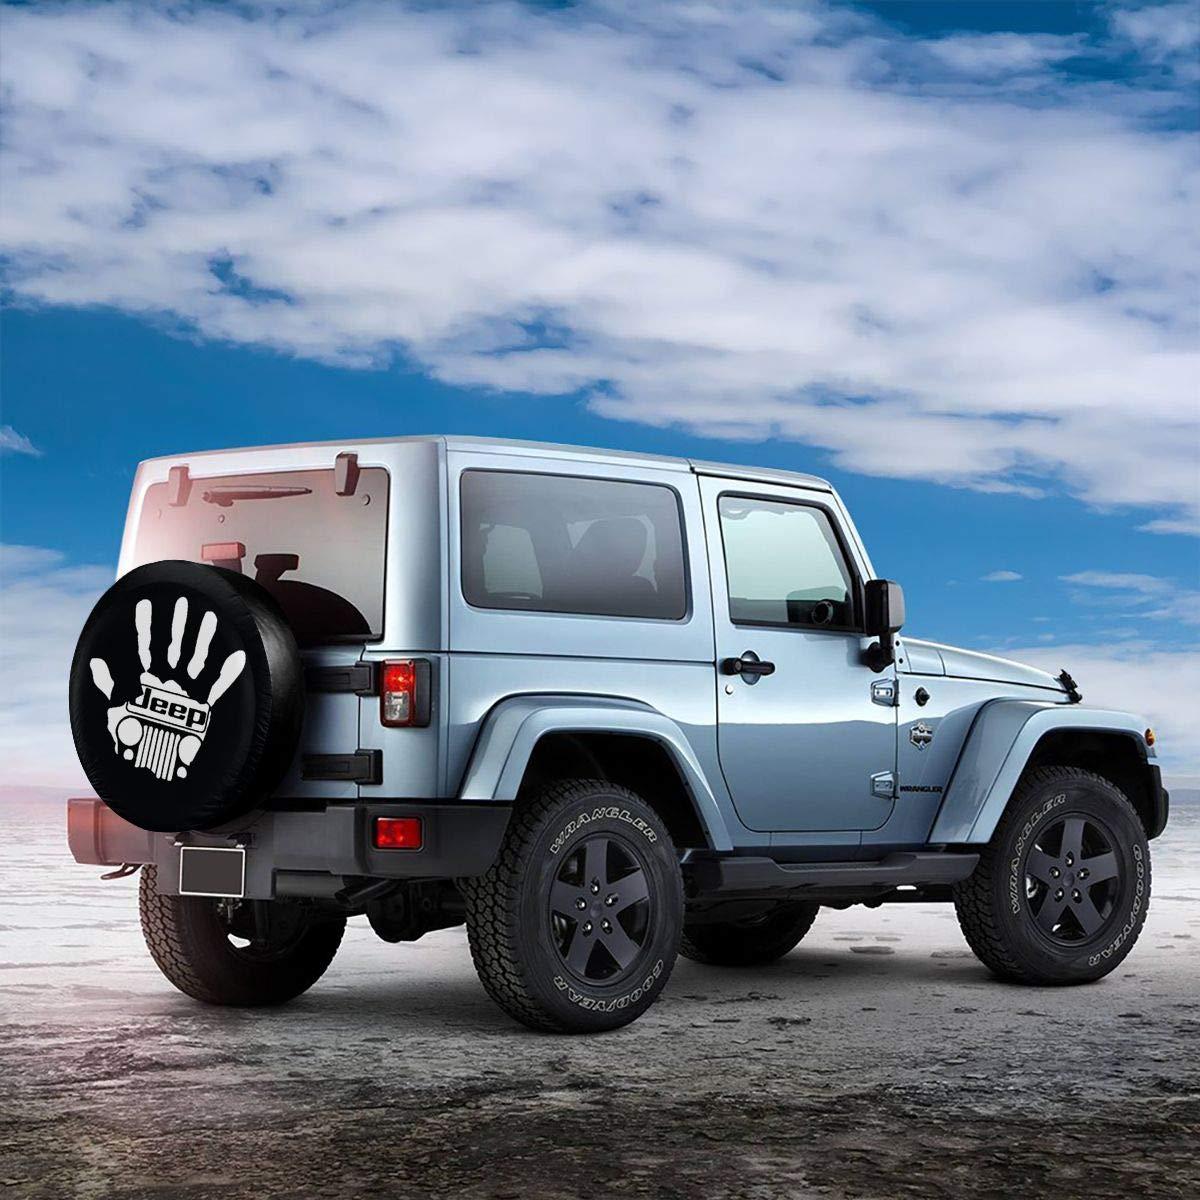 16 inch Blanc 14,15,16,17 AngShen Jeep Housse de Roue de Secours pour remorque Wrangler Jeep RV SUV Camion Camion Remorque de Voyage Polyester